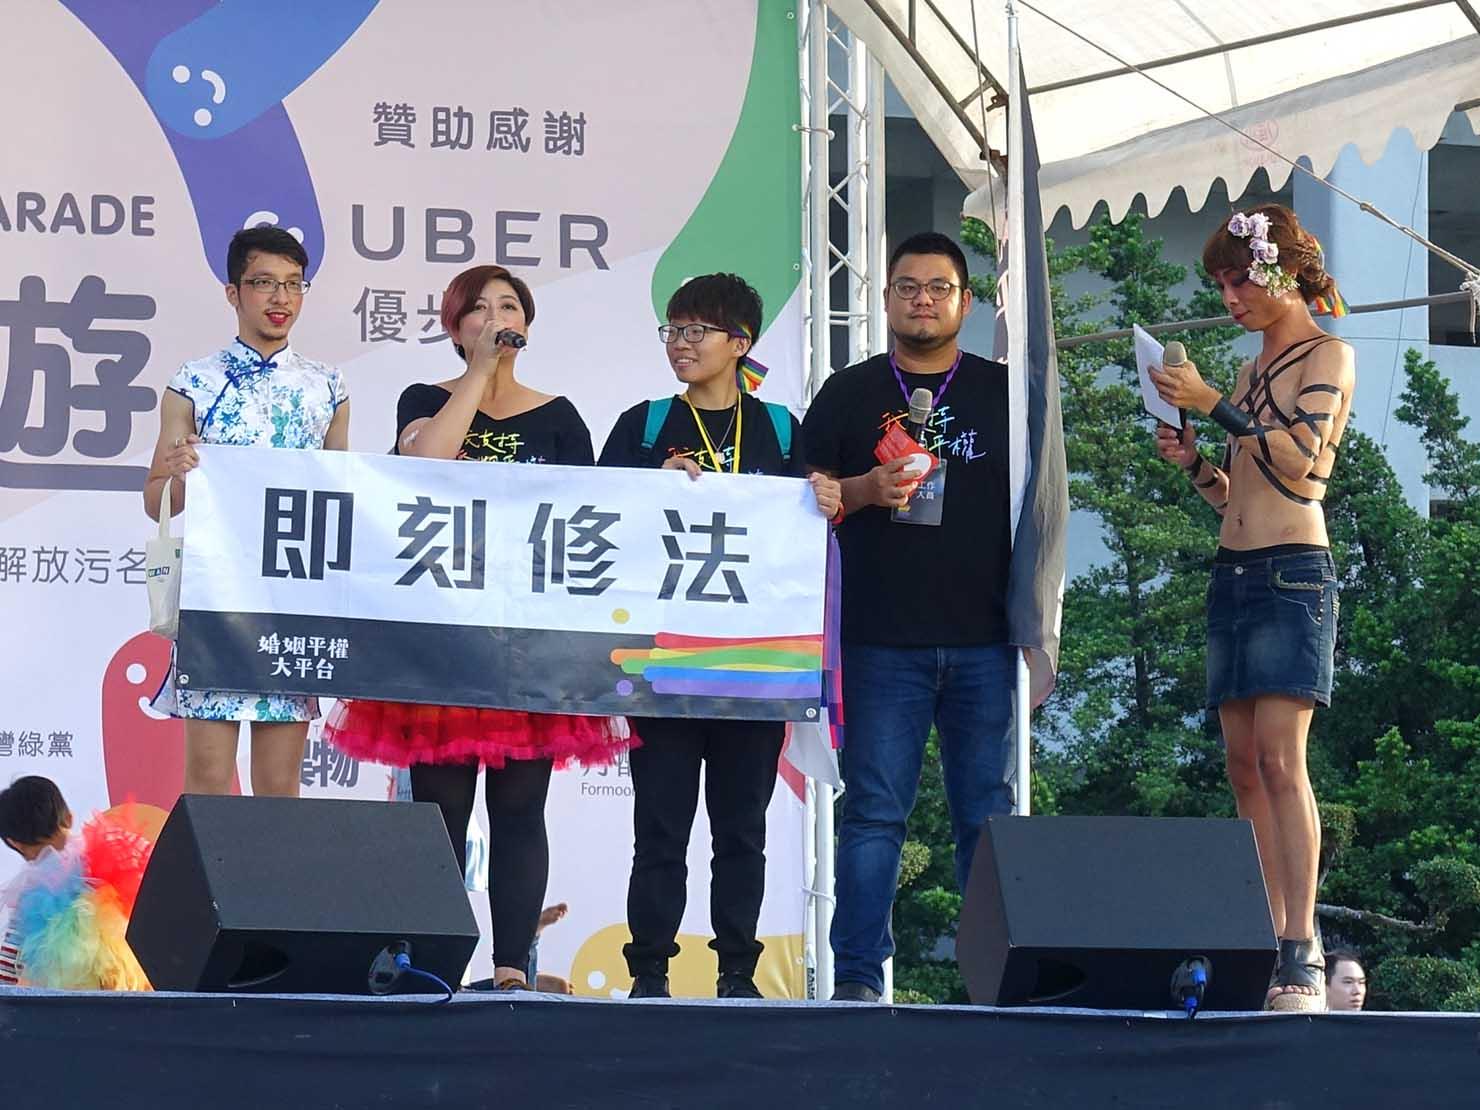 高雄同志大遊行(高雄レインボーパレード)2017のステージで同性婚合法化の早期実現を訴えるグループ